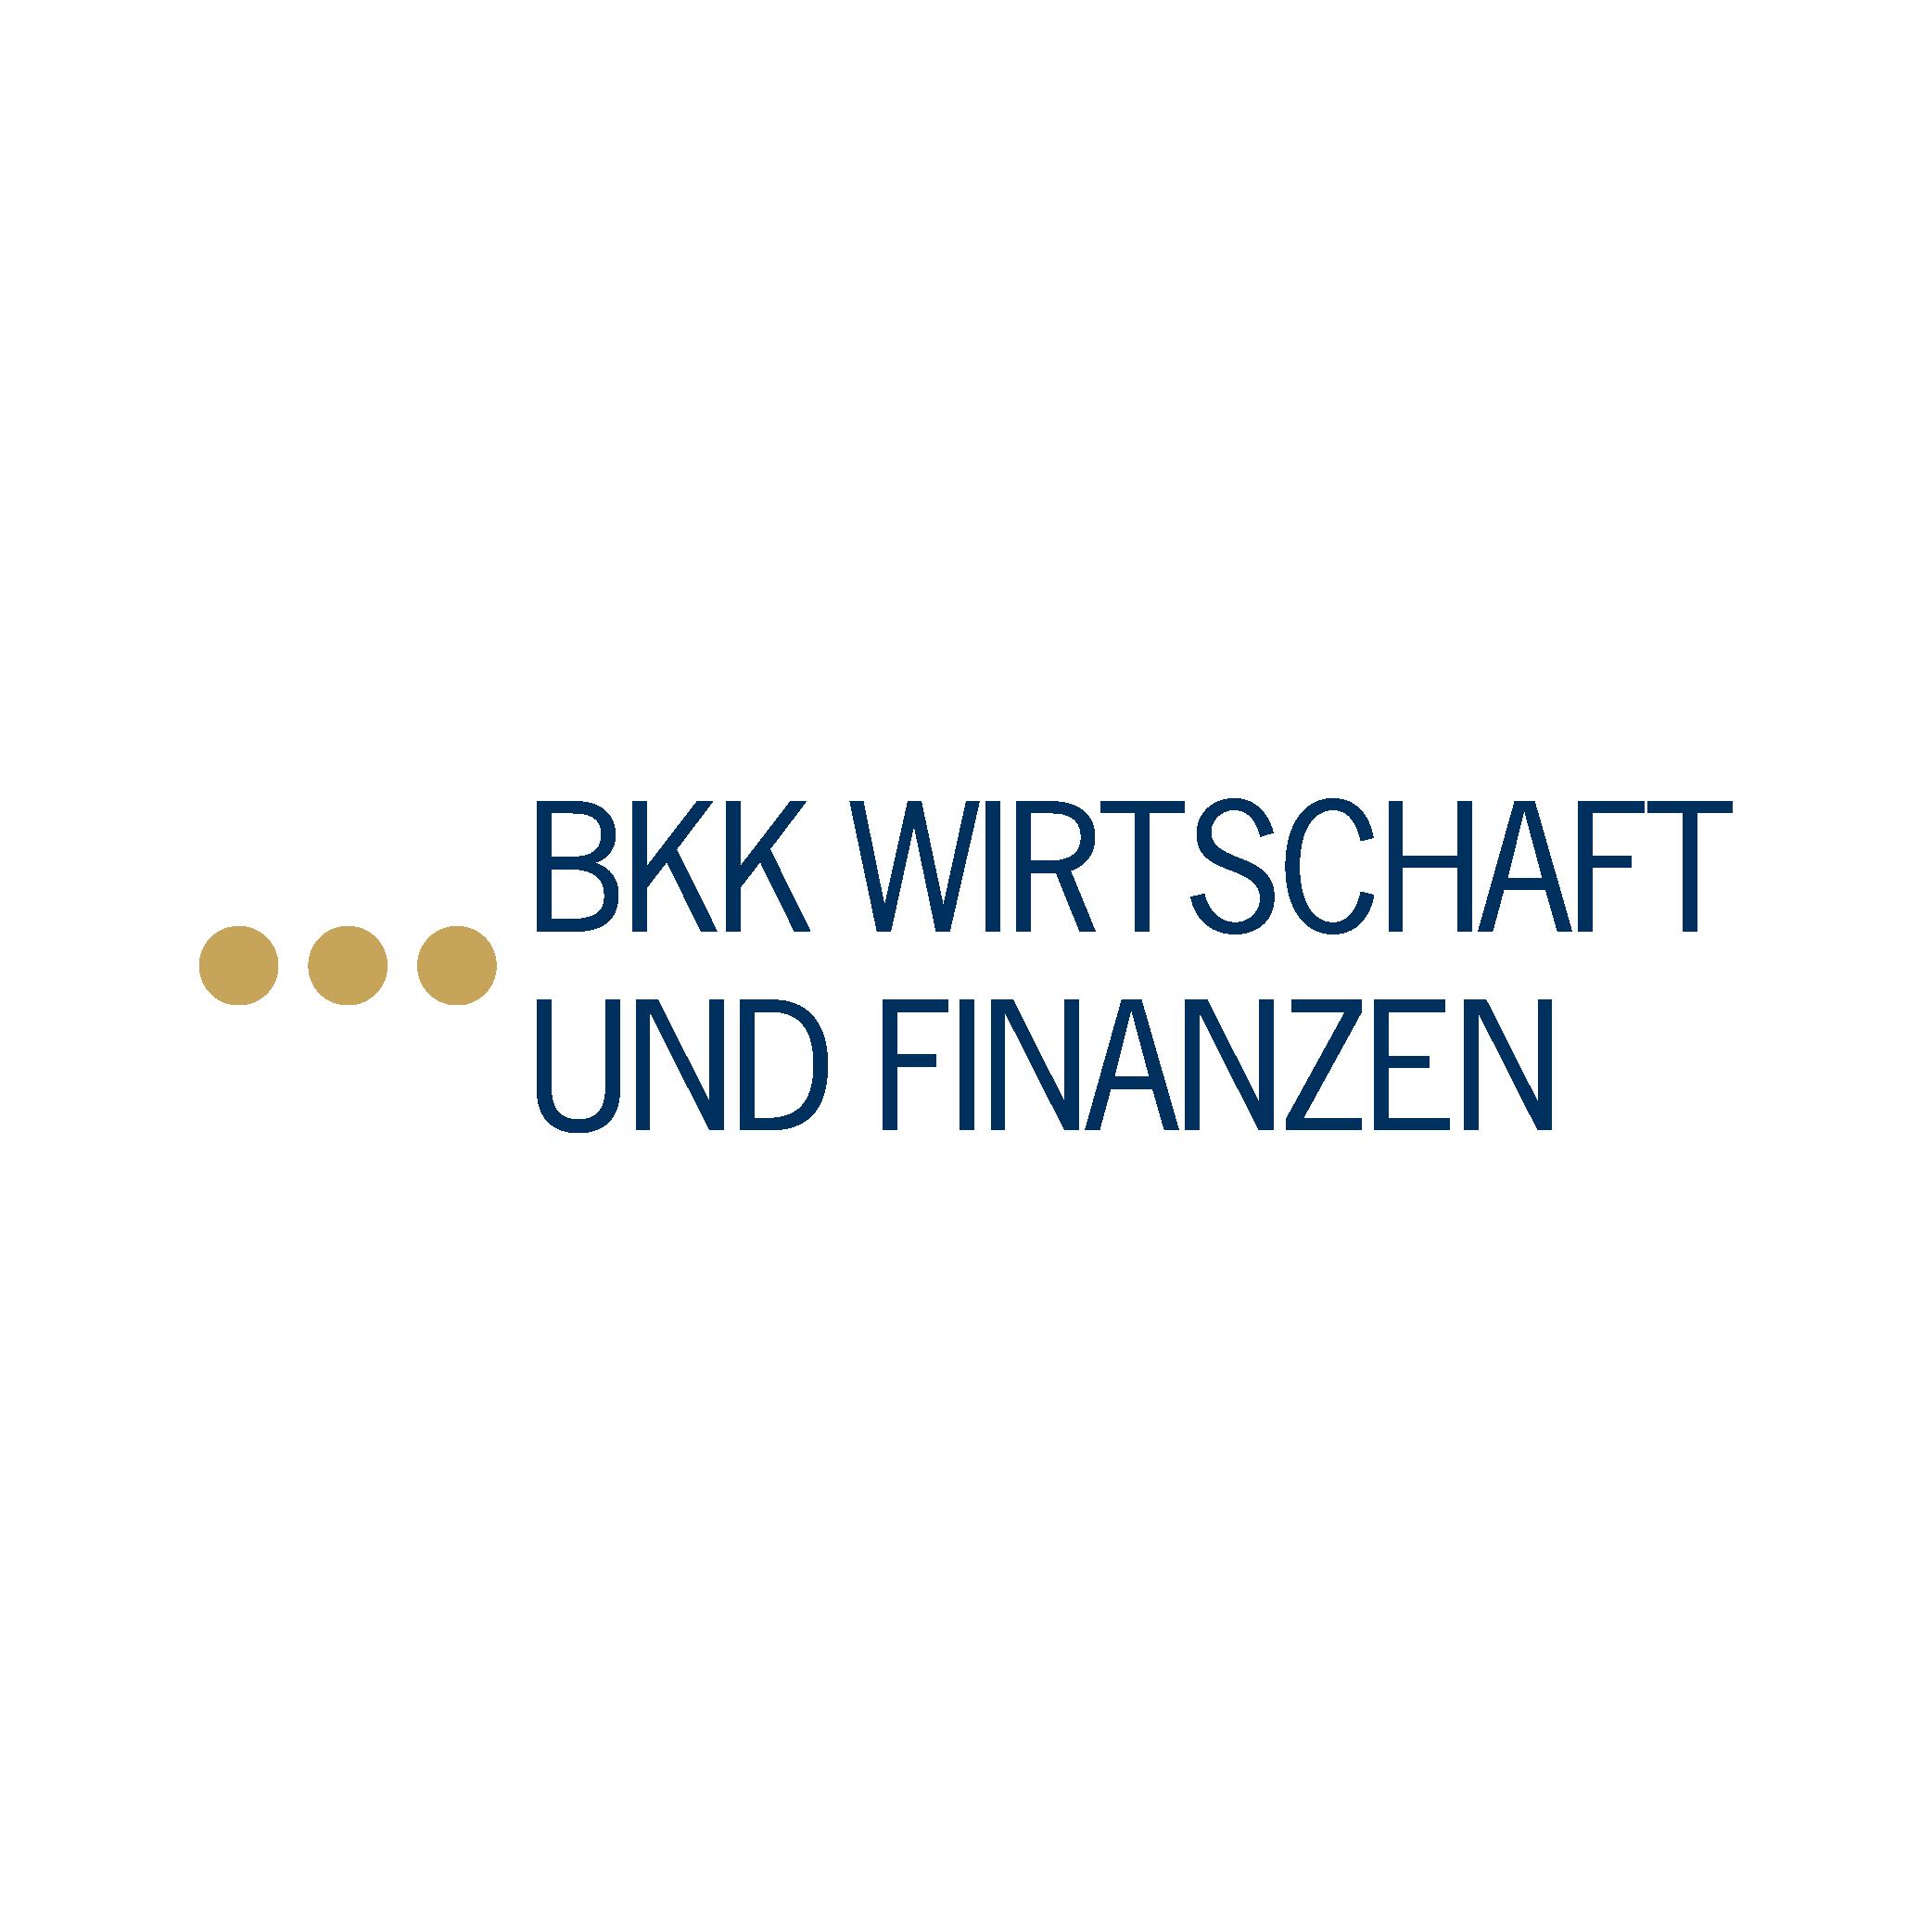 Markenzeichen der BKK Wirtschaft & Finanzen